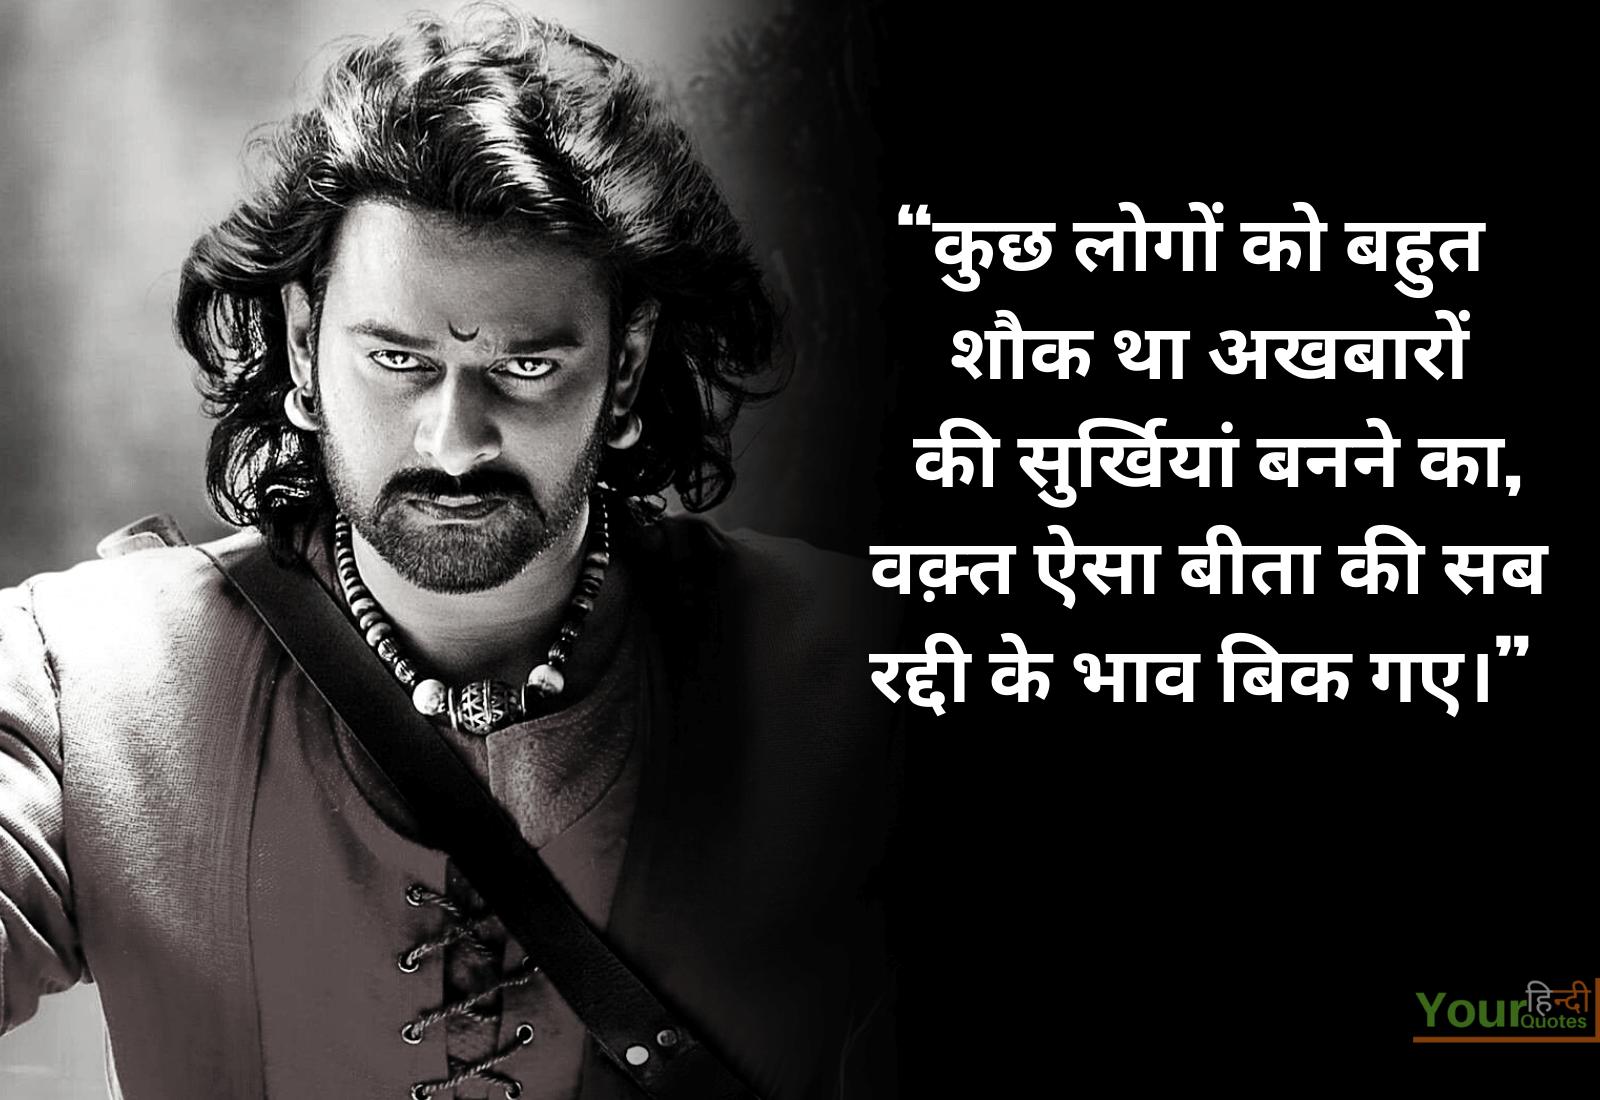 Hindi Attitude Status Picture